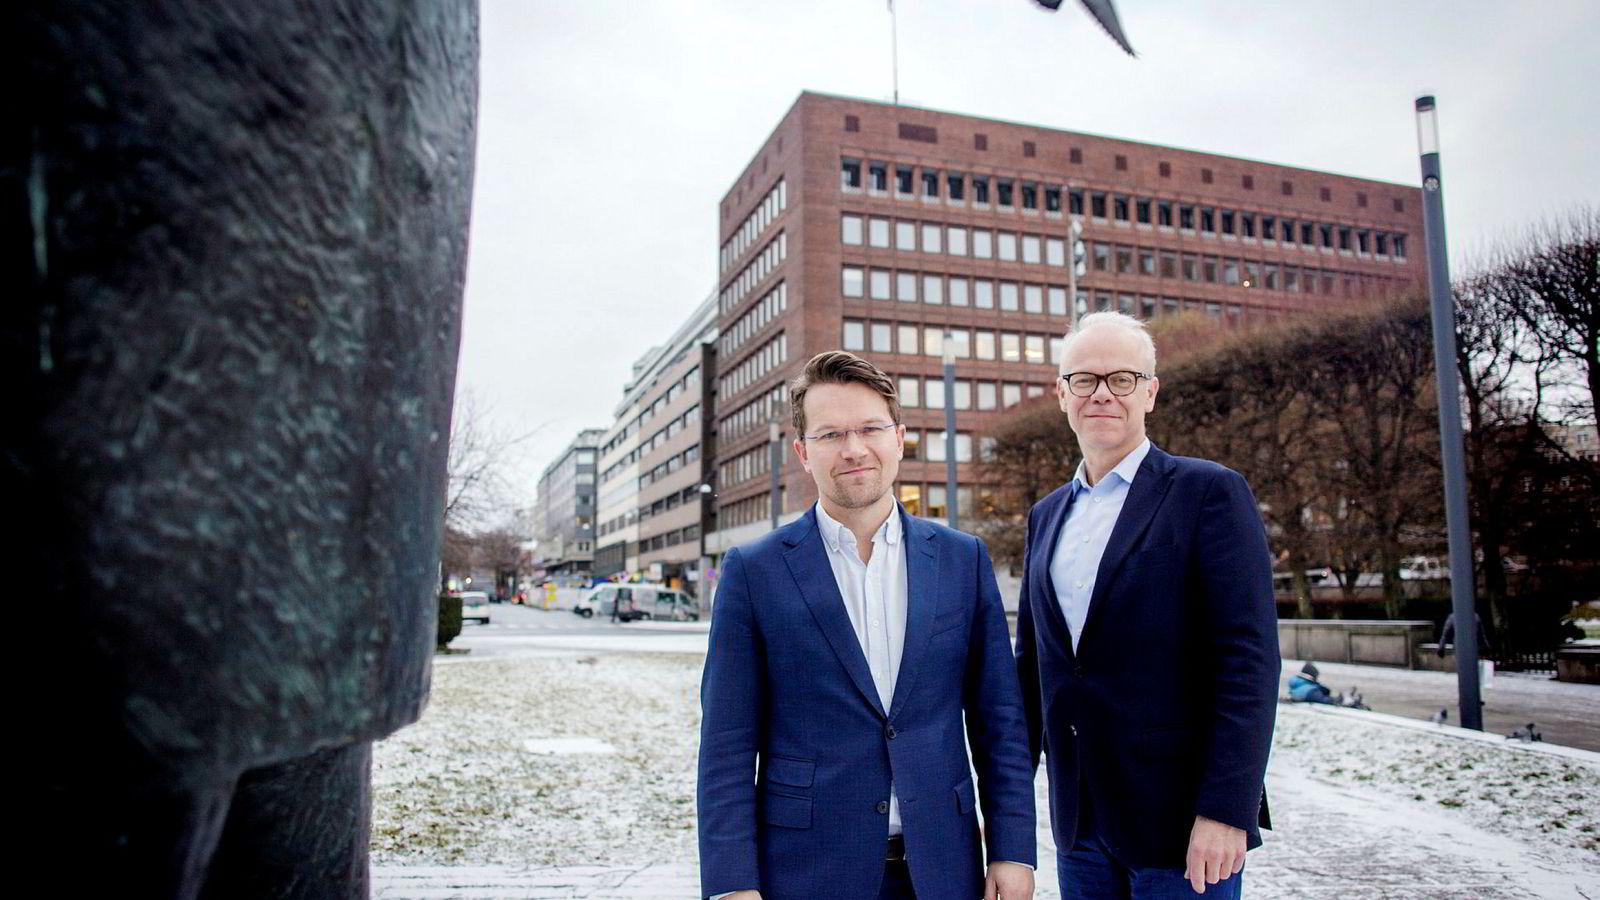 McKinsey-sjef Martin Bech Holte og Google-sjef Jan Grønbech har listen over fremtidens jobber som vil forsvinne klar. Stikkordene er farlig, forurensende og kjedelige jobber.